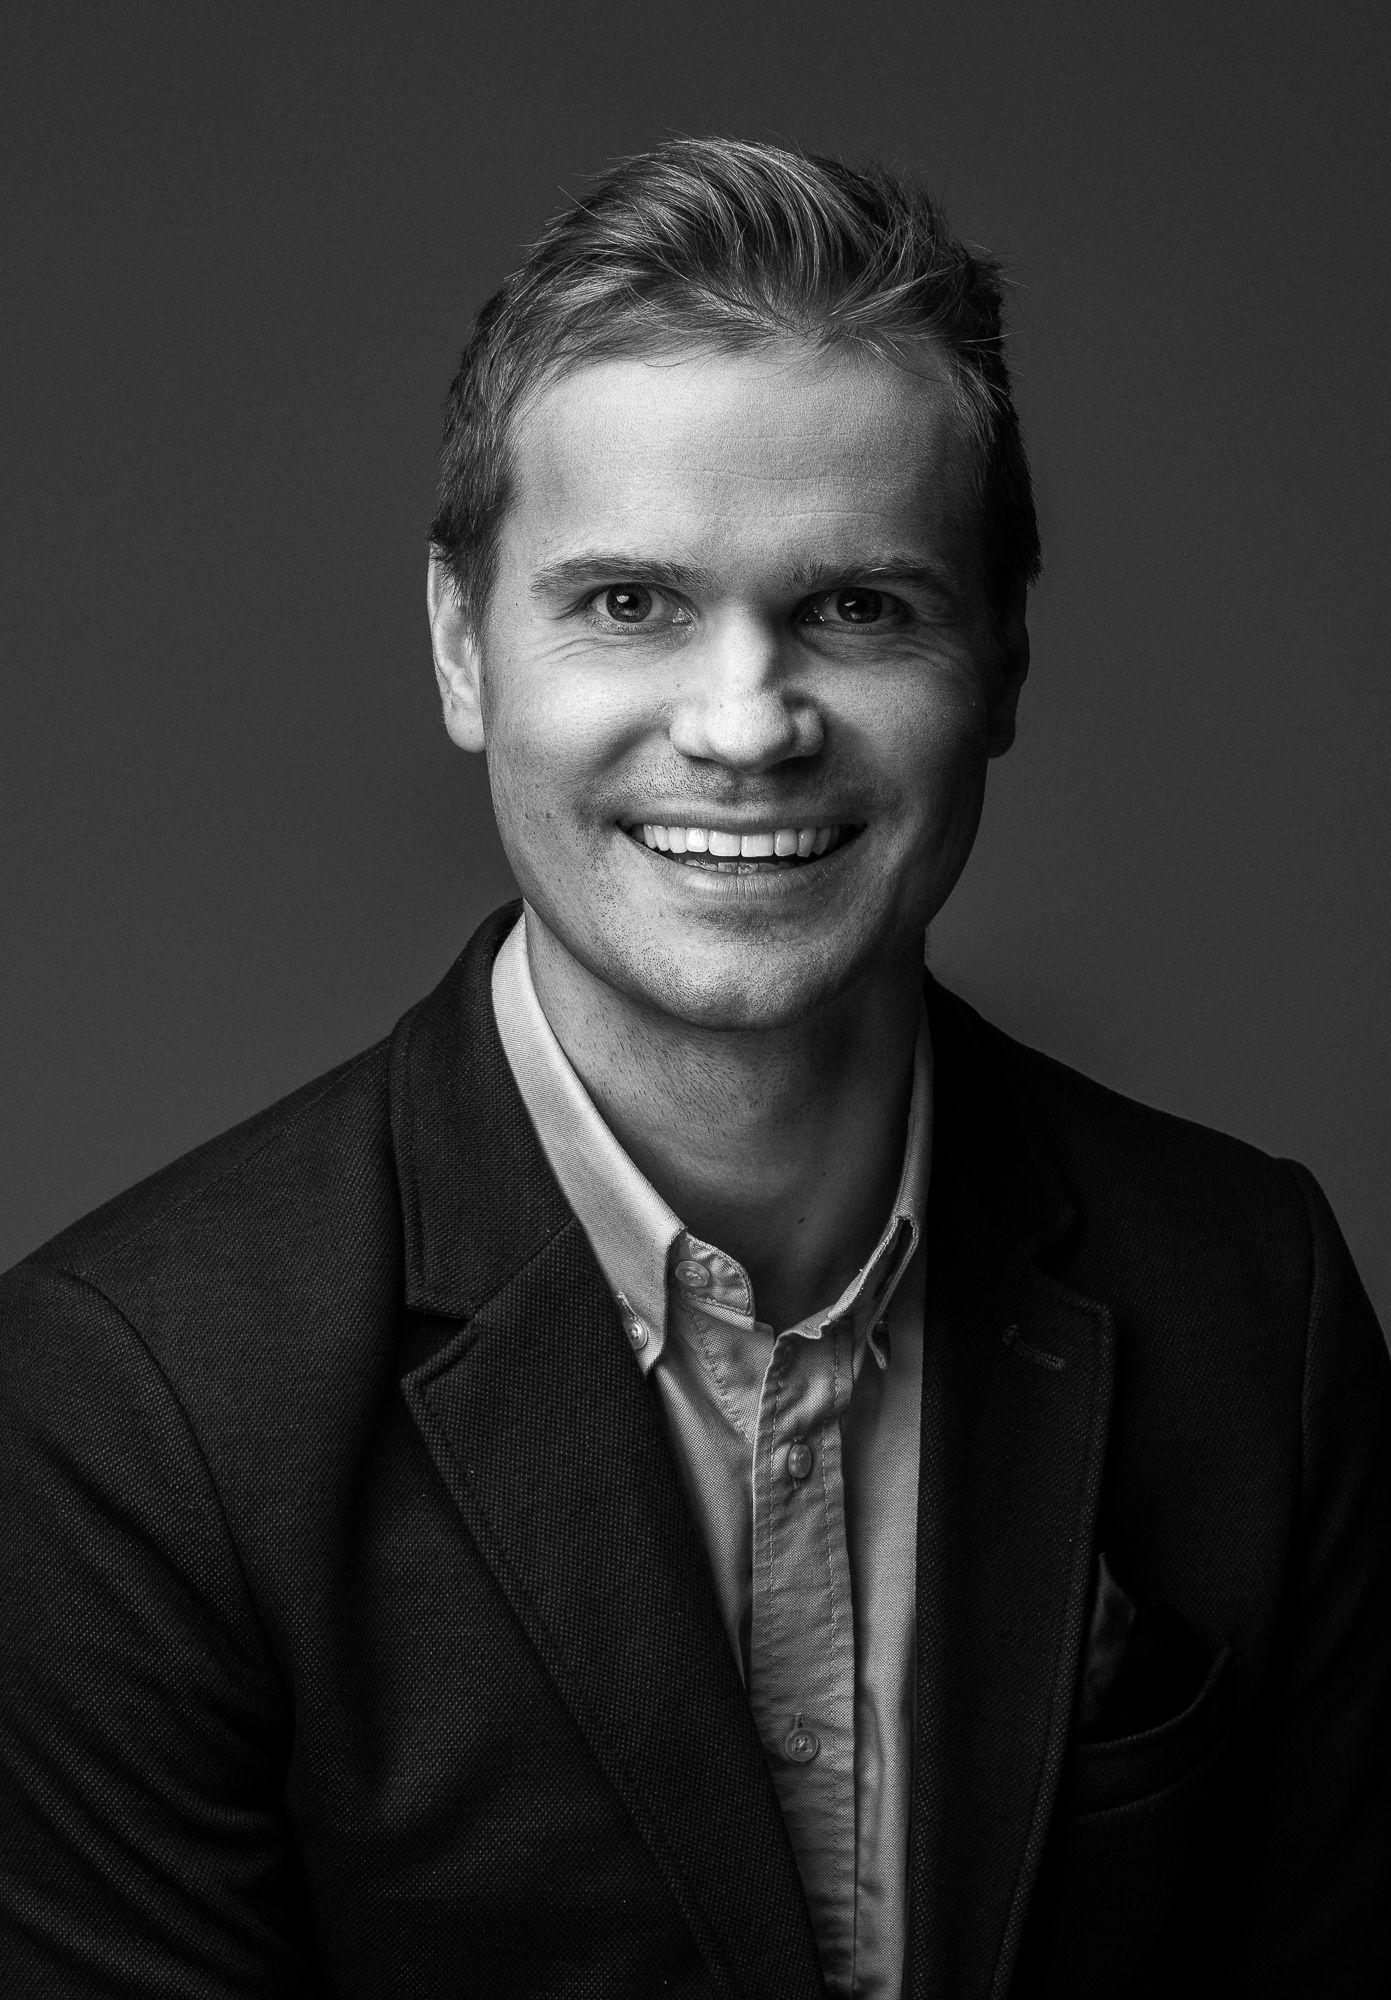 Hannu Käki